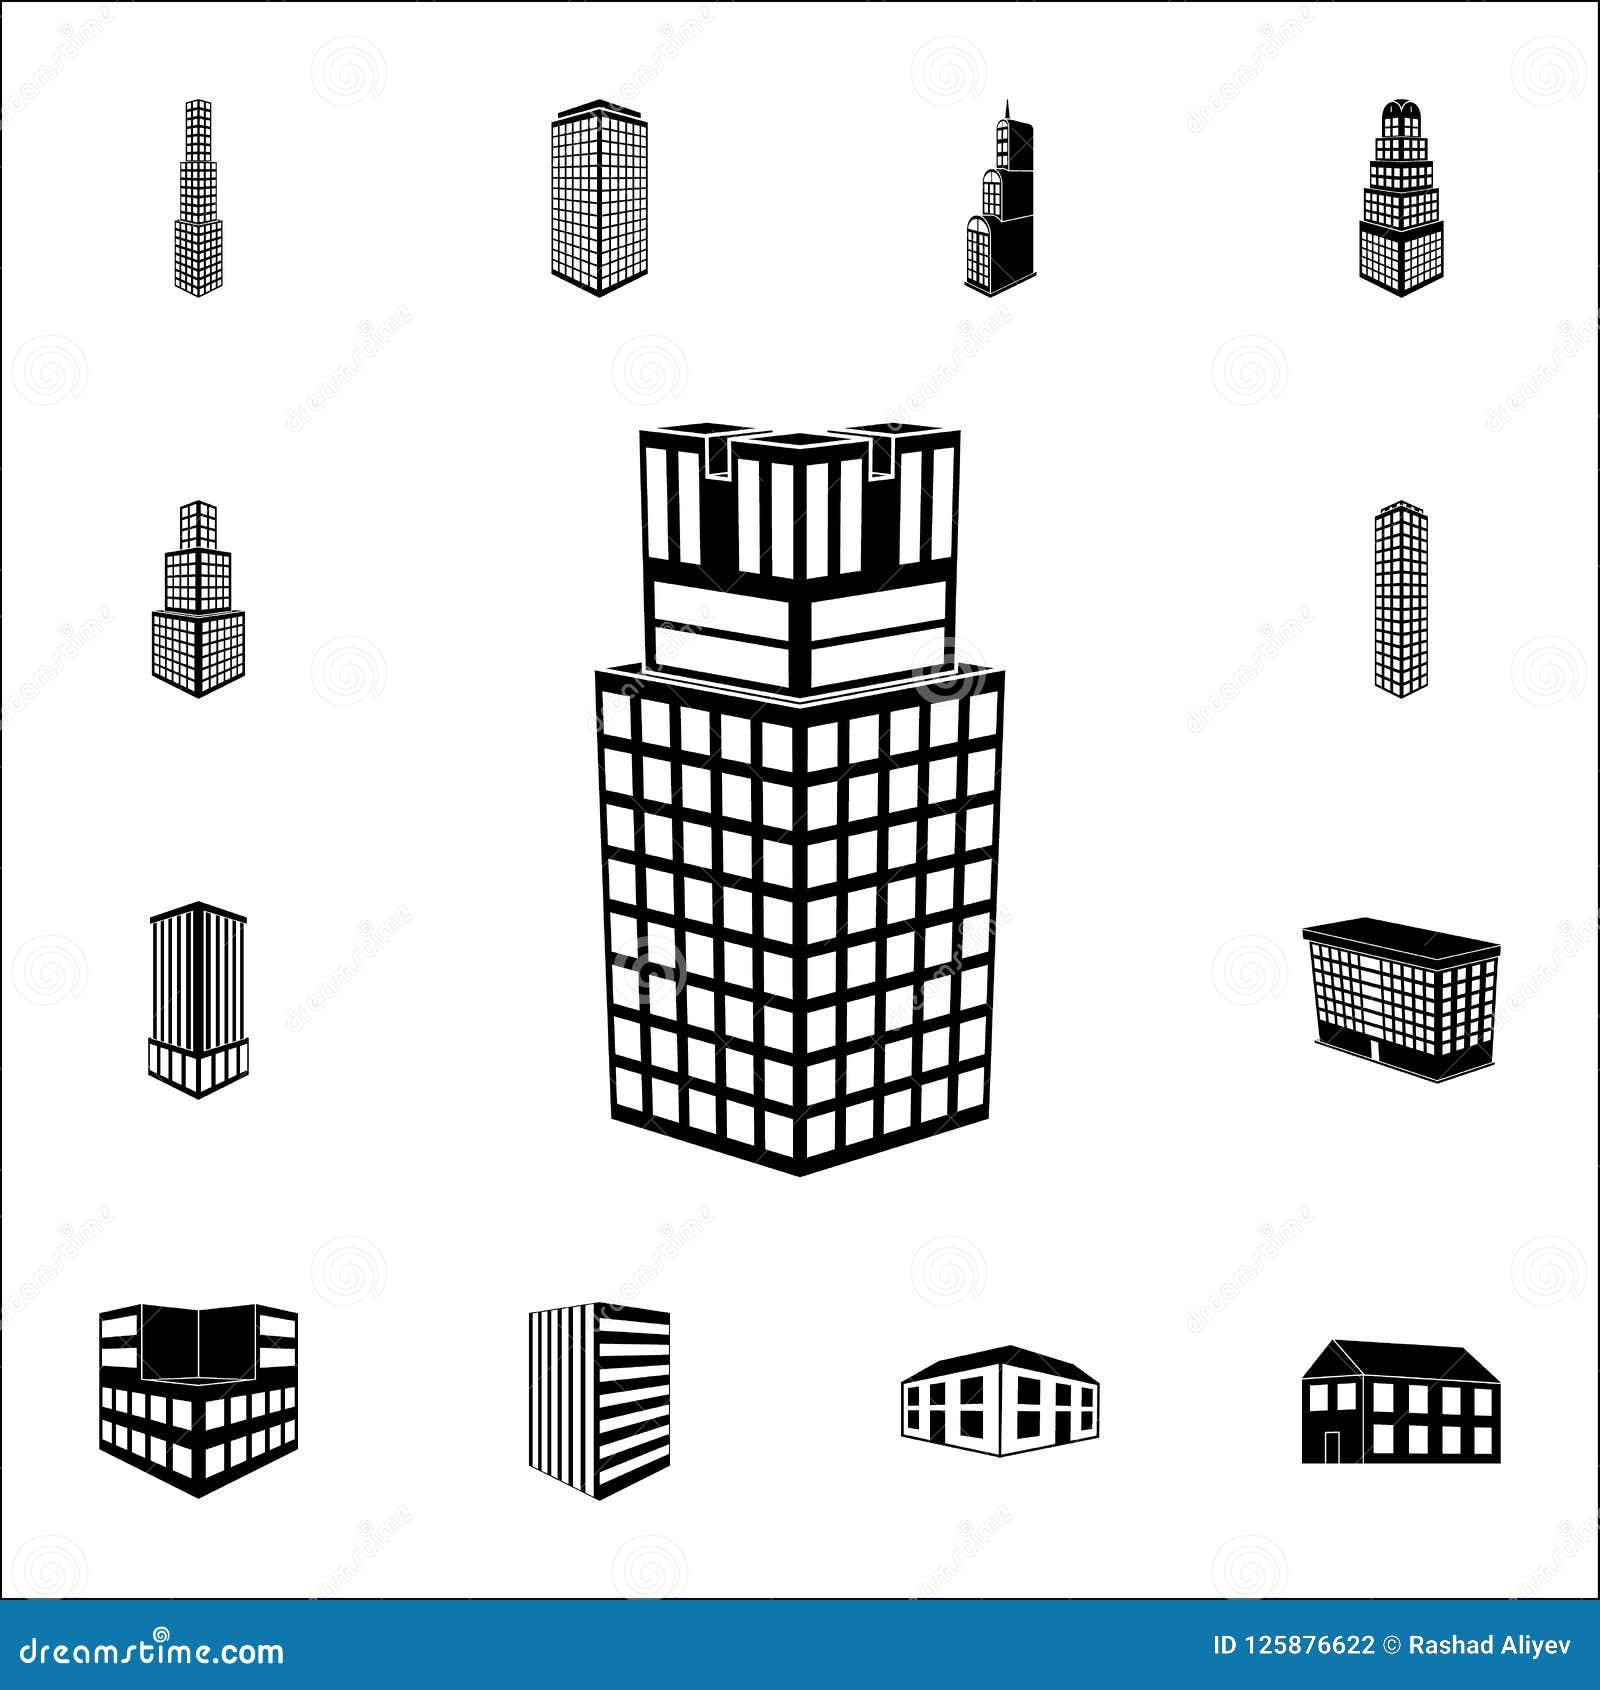 απεικόνιση της τρισδιάστατης οικοδόμησης του πανεπιστημιακού εικονιδίου τρισδιάστατο καθολικό εικονιδίων οικοδόμησης που τίθεται